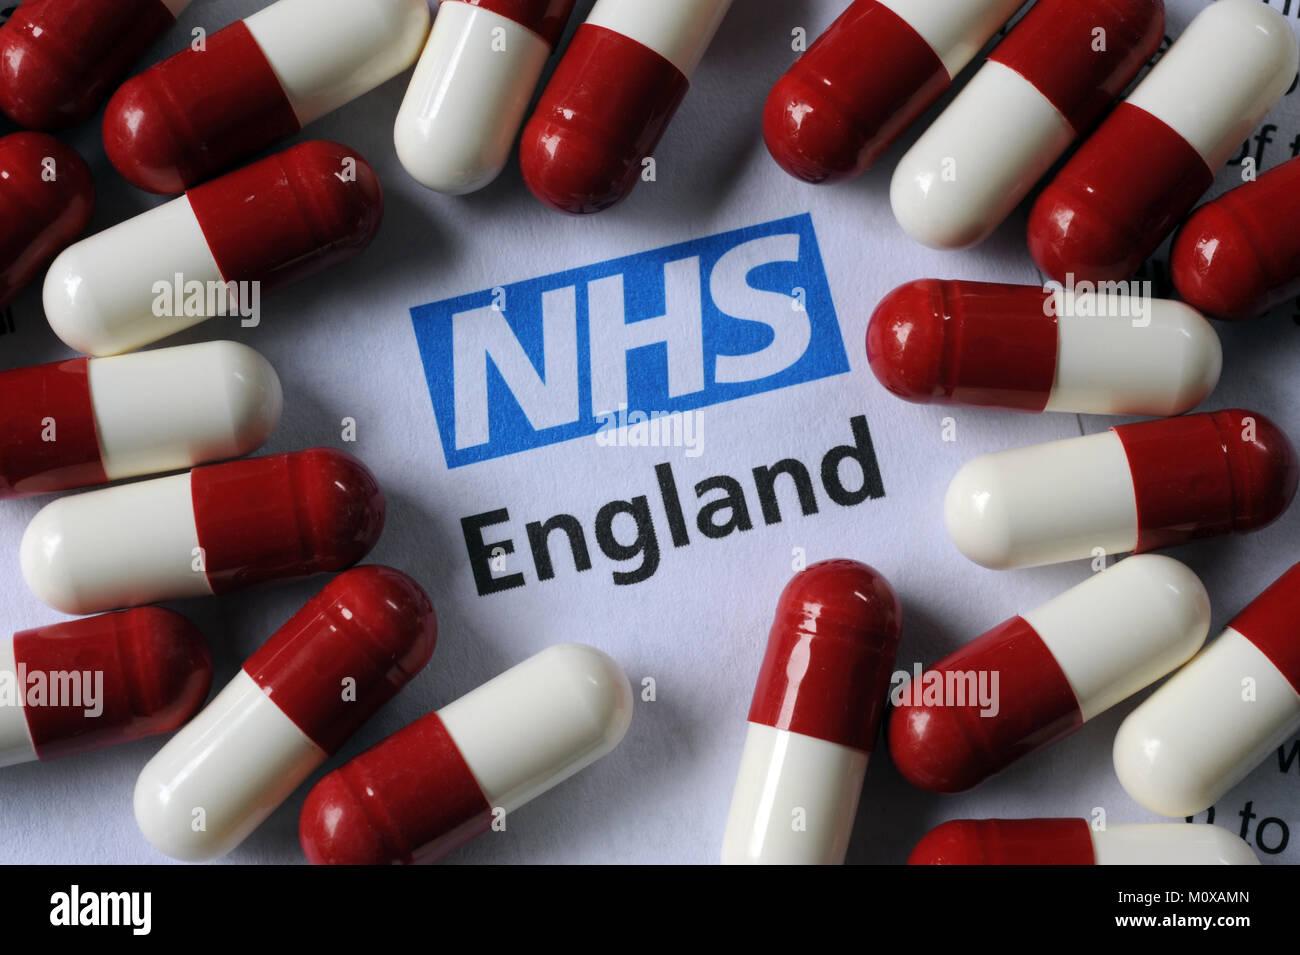 NHS ENGLAND LITERATUR MIT DROGE KAPSELN RE DAS GESUNDHEITSWESEN PATIENTEN ÄRZTE MEDIZIN ETC. UK Stockbild